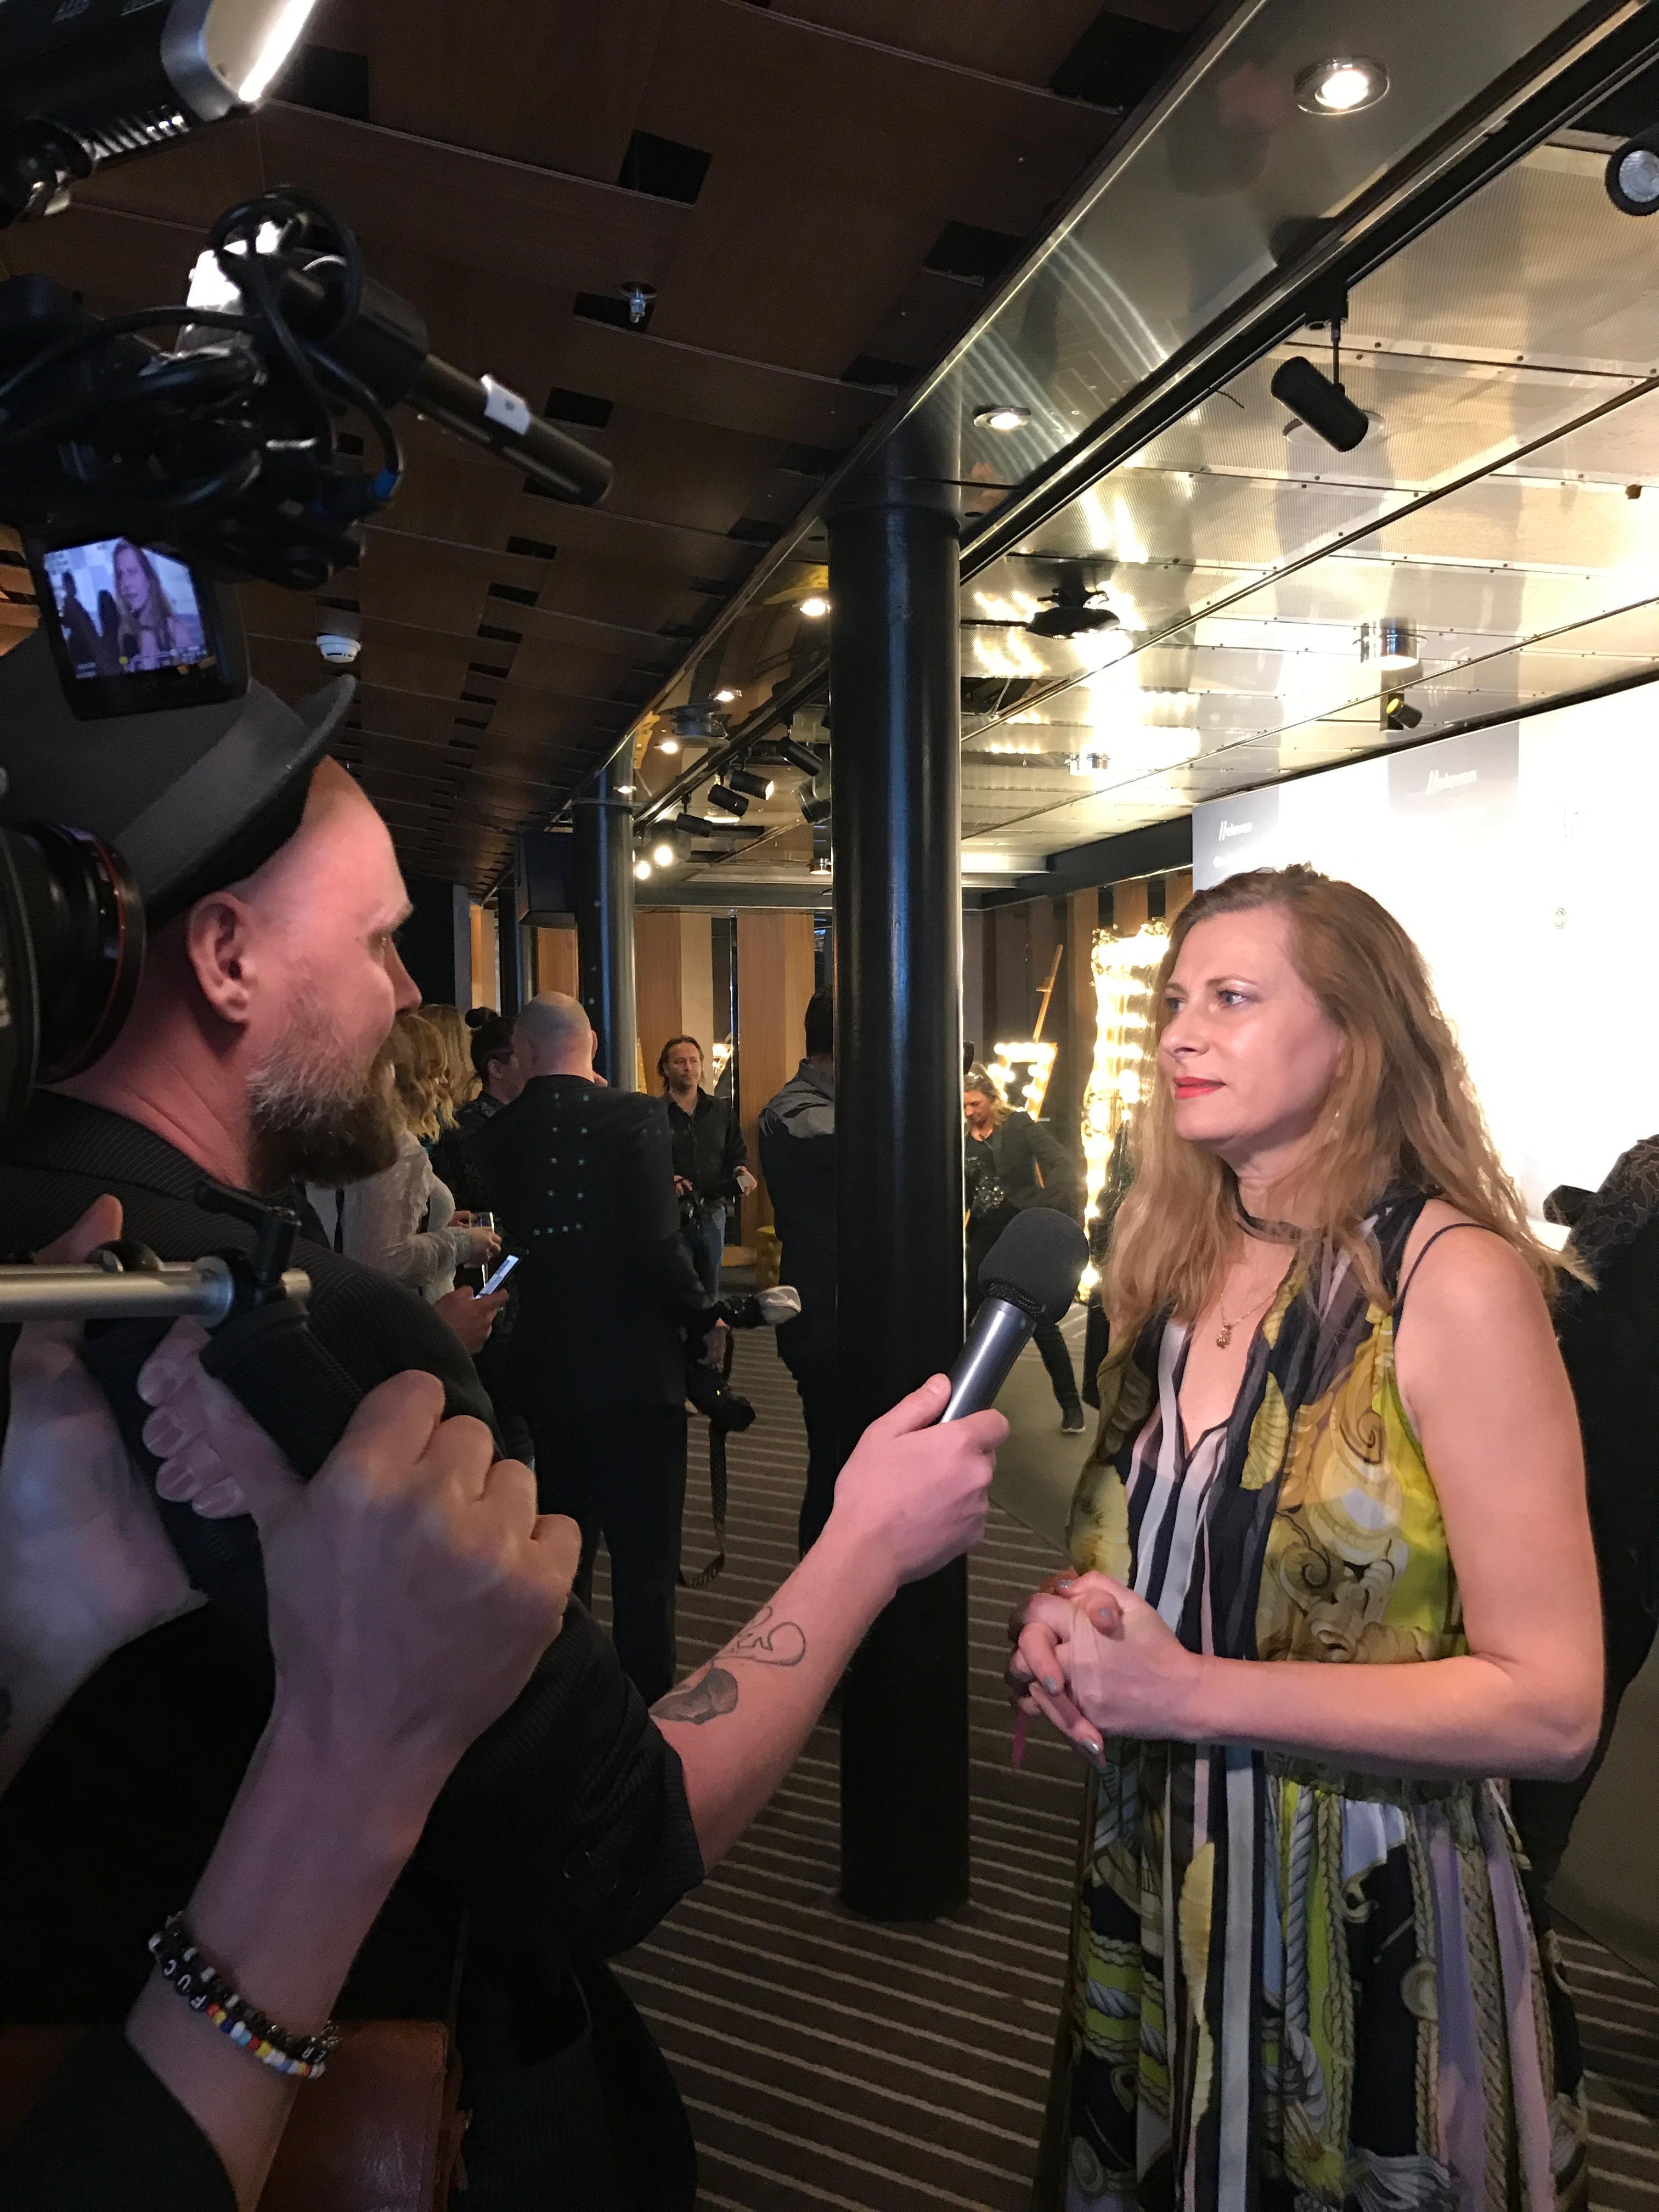 Jag blev intervjuad av ett filmteam om hur jag ser på mitt arbete i juryn och hur jag tror branschen ser ut om tio år.